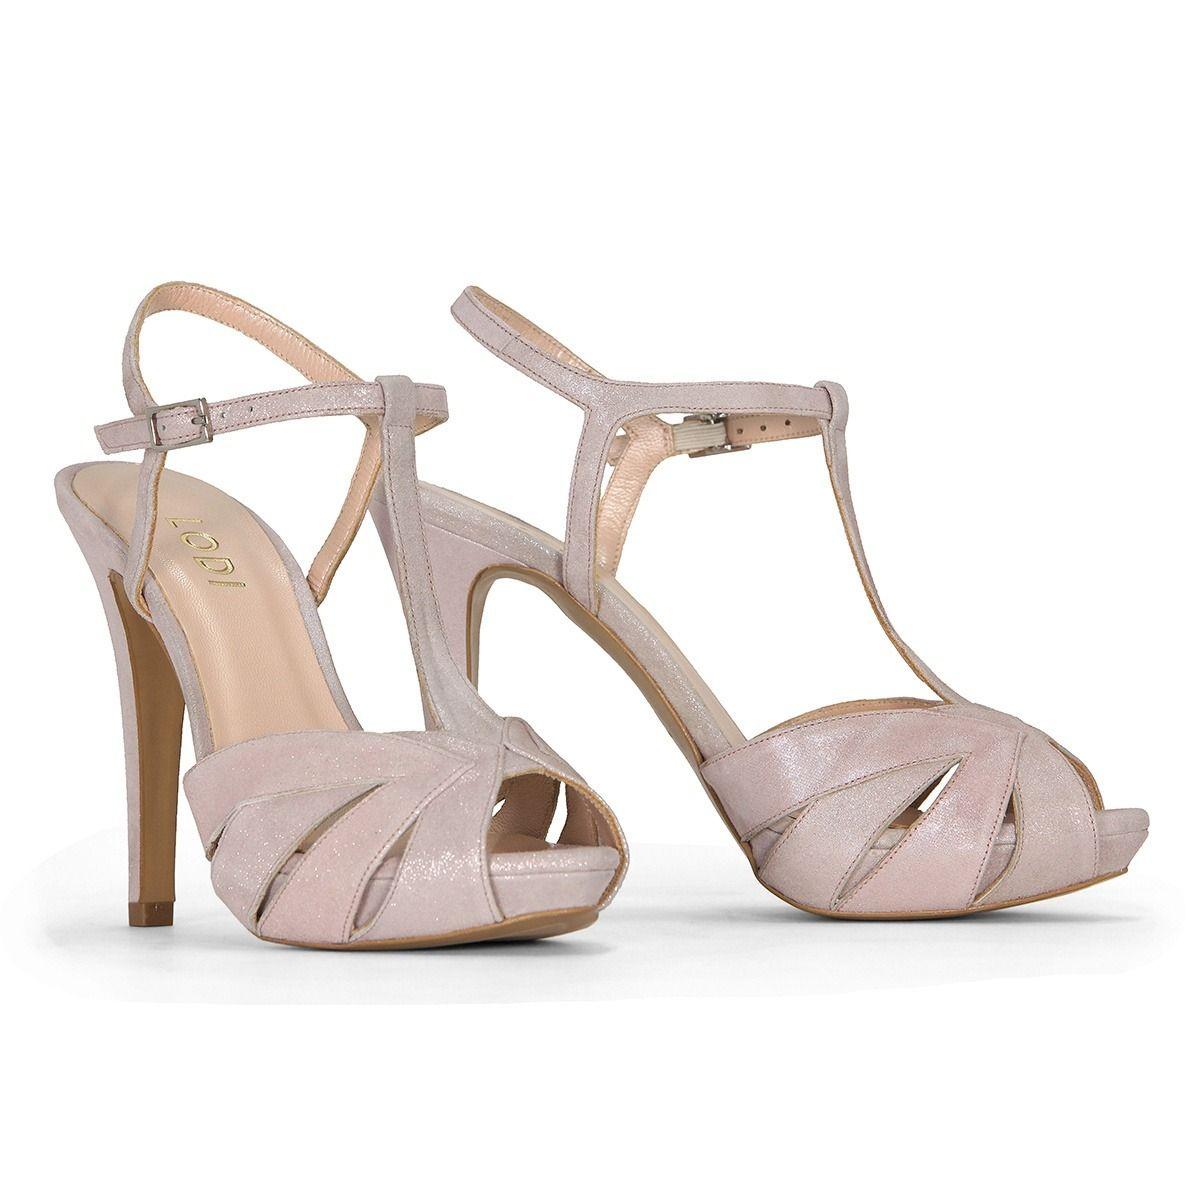 71c15cb403b Sandalia Abril Novia LODI perfil Zapatos Rosados, Sandalias, Imagenes De  Bodas, Zapatos De